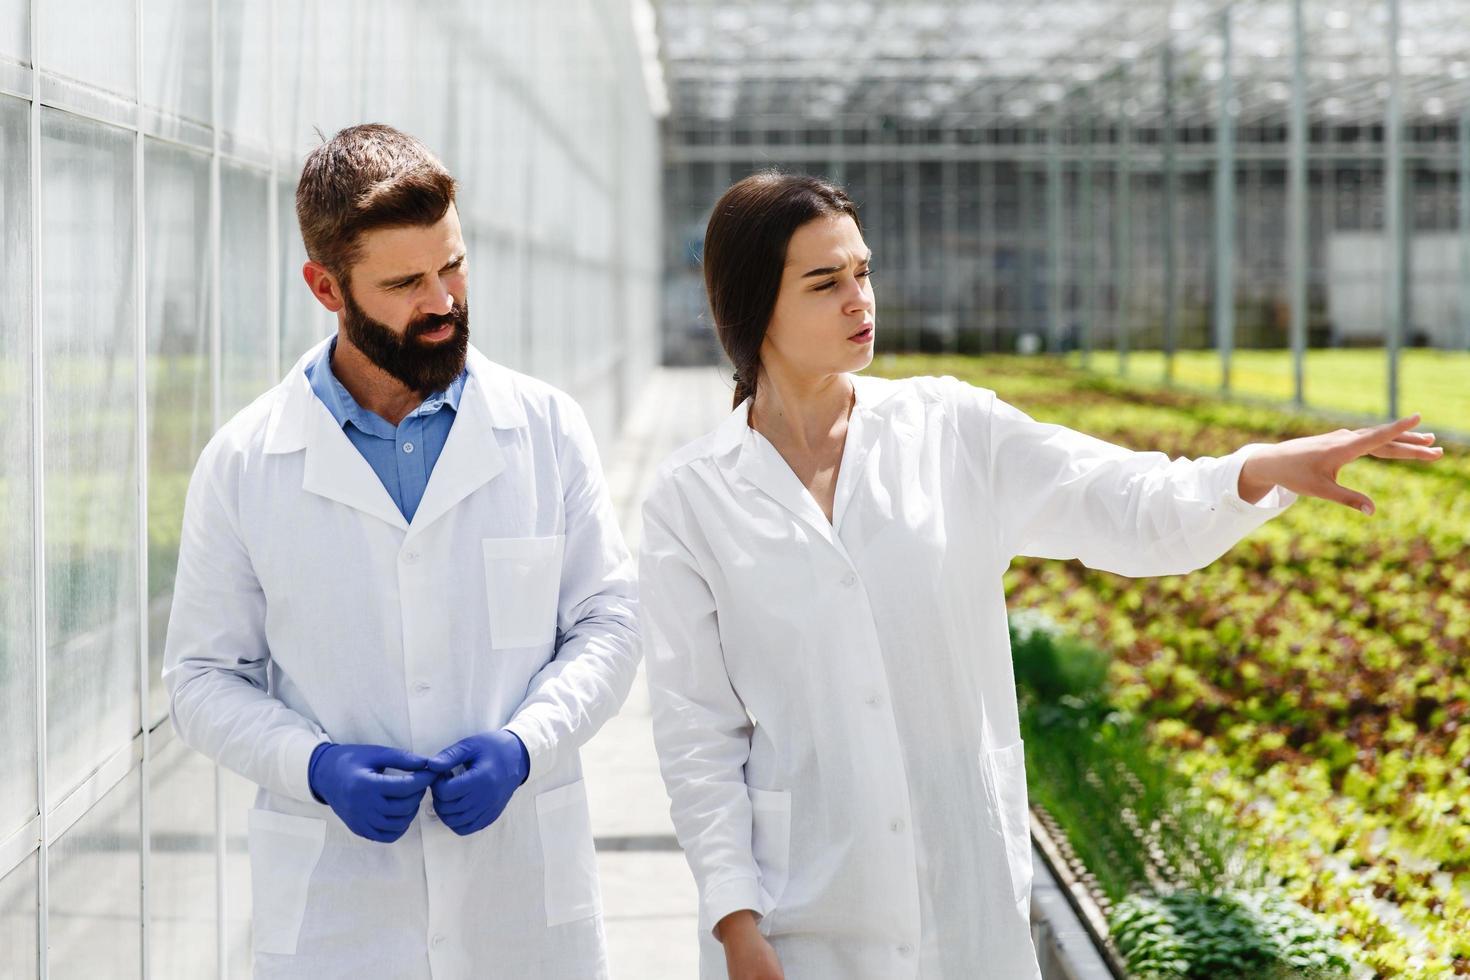 deux chercheurs en robes de laboratoire se promènent dans la serre photo